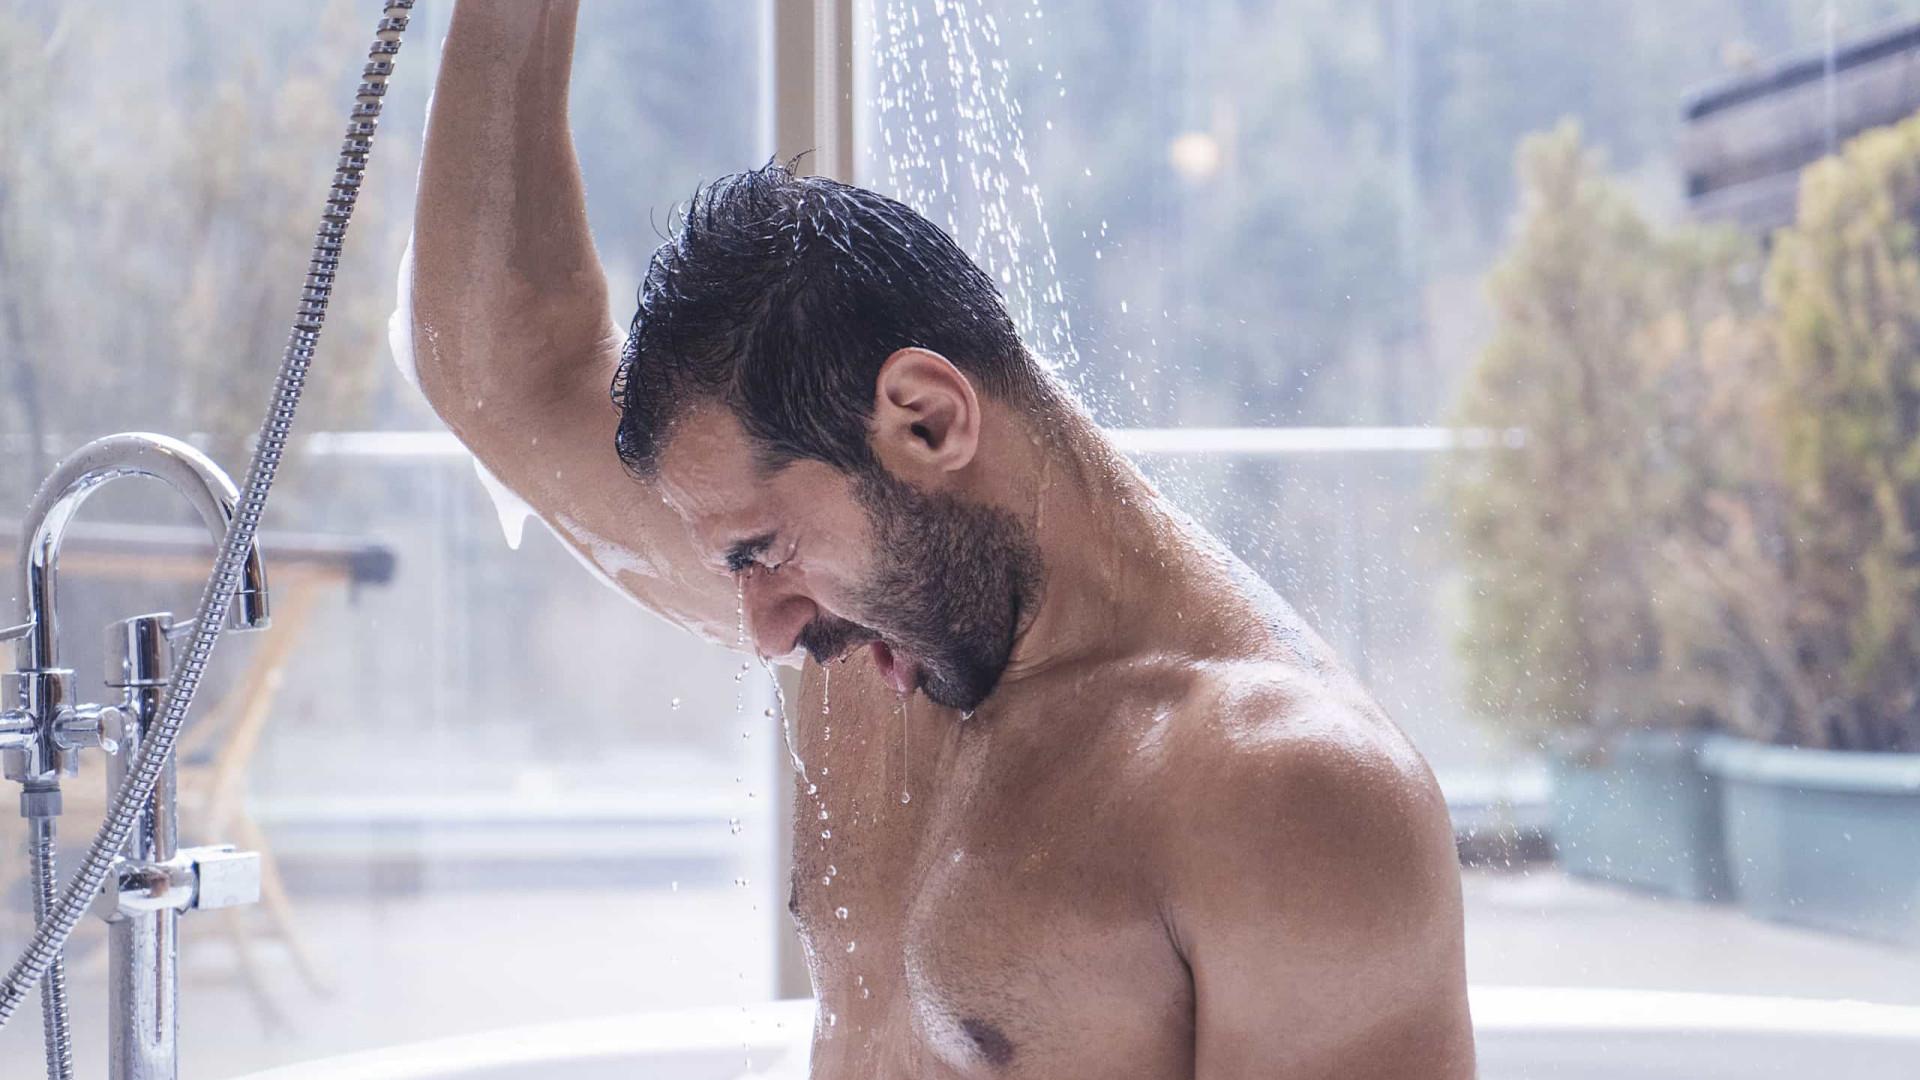 É melhor tomar banho à noite ou de manhã? Ciência debate